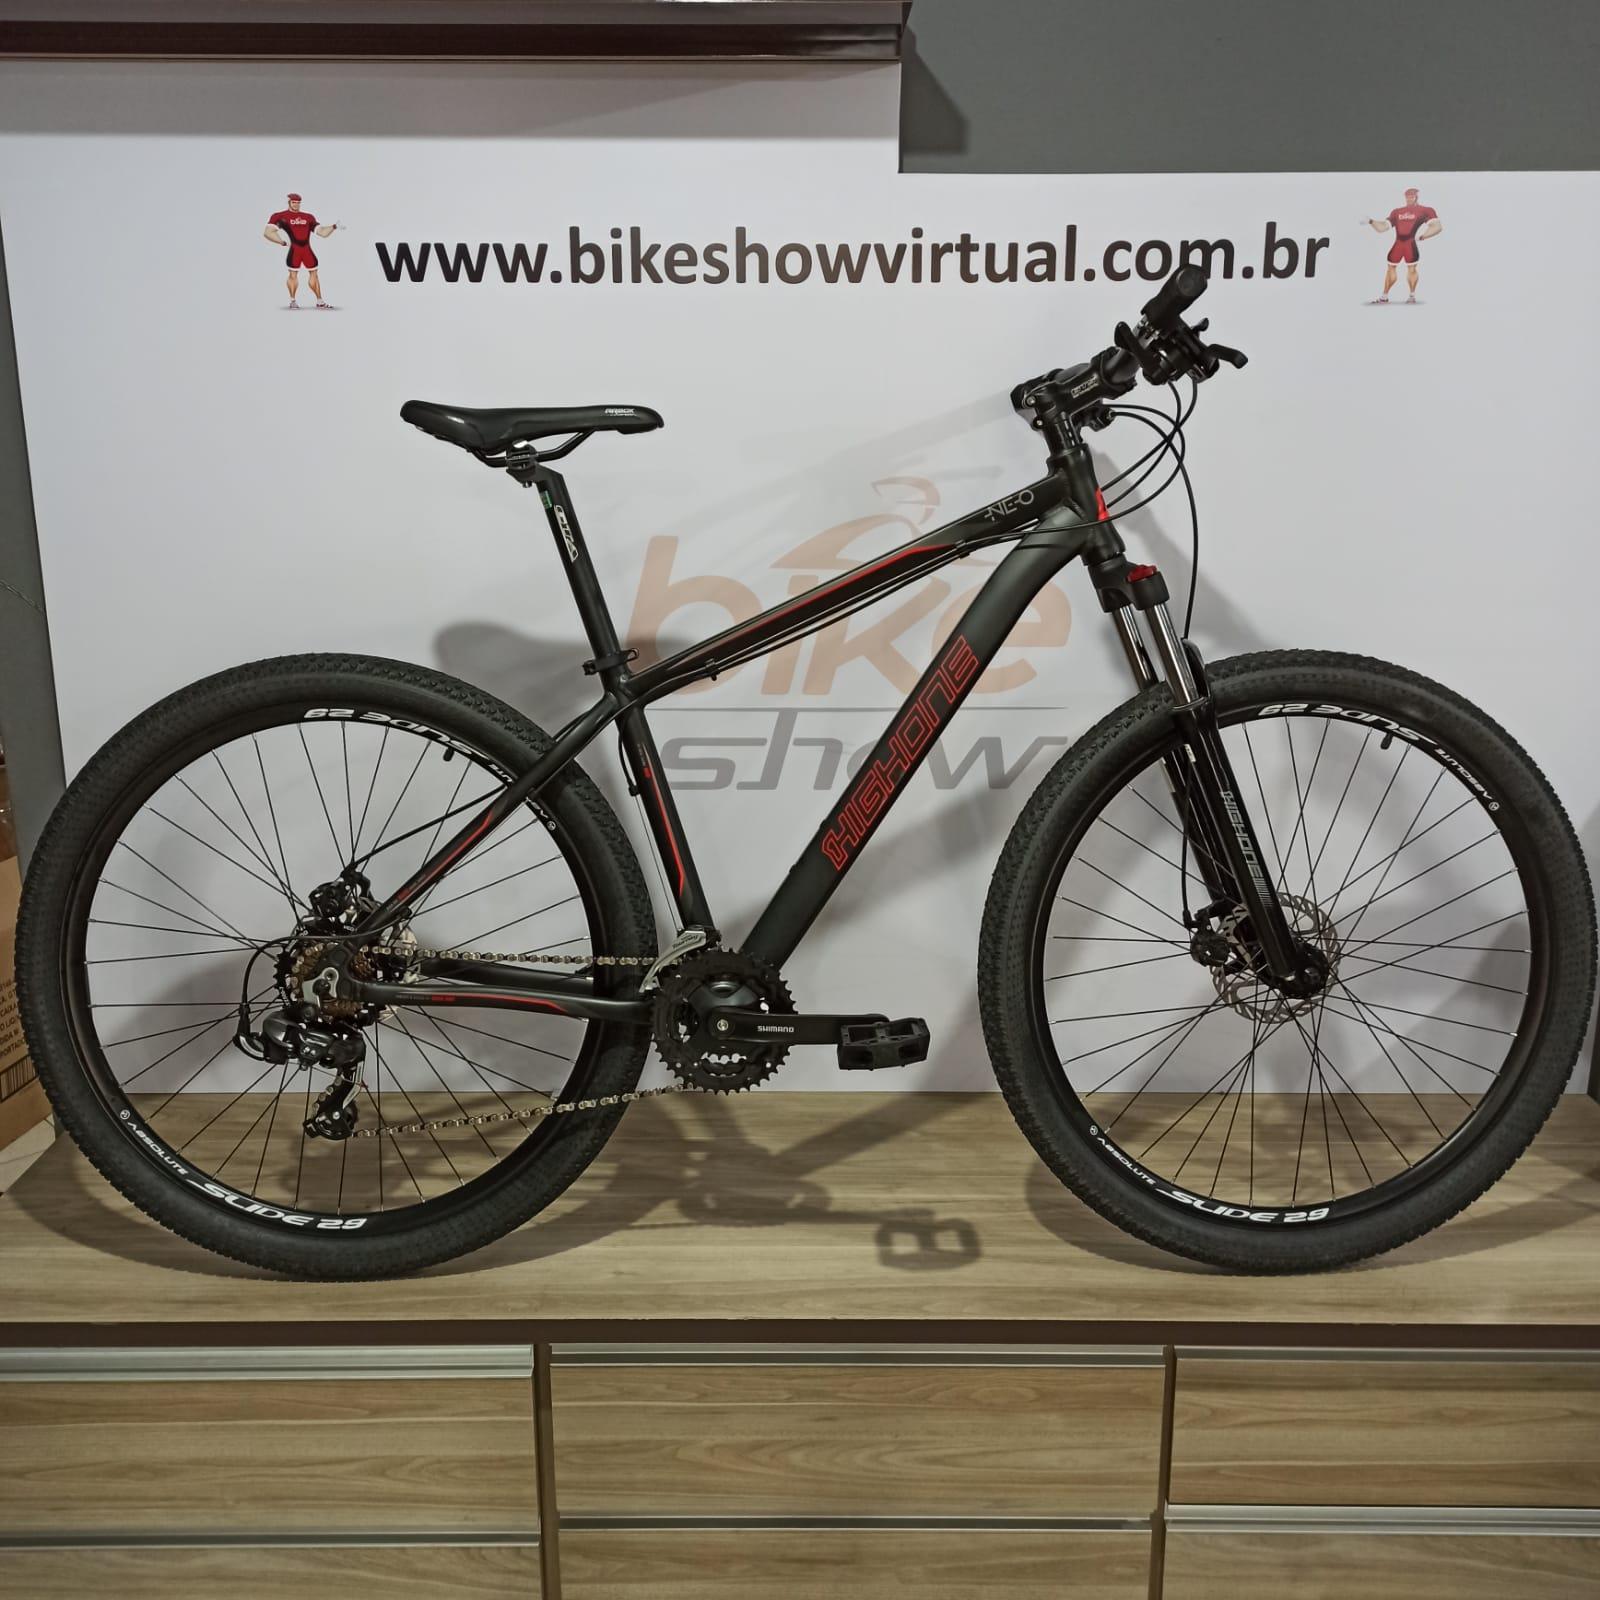 Bicicleta HIGH ONE Neo aro 29 - 21v Shimano Tourney - Suspenção High One com trava no ombro EDITAR